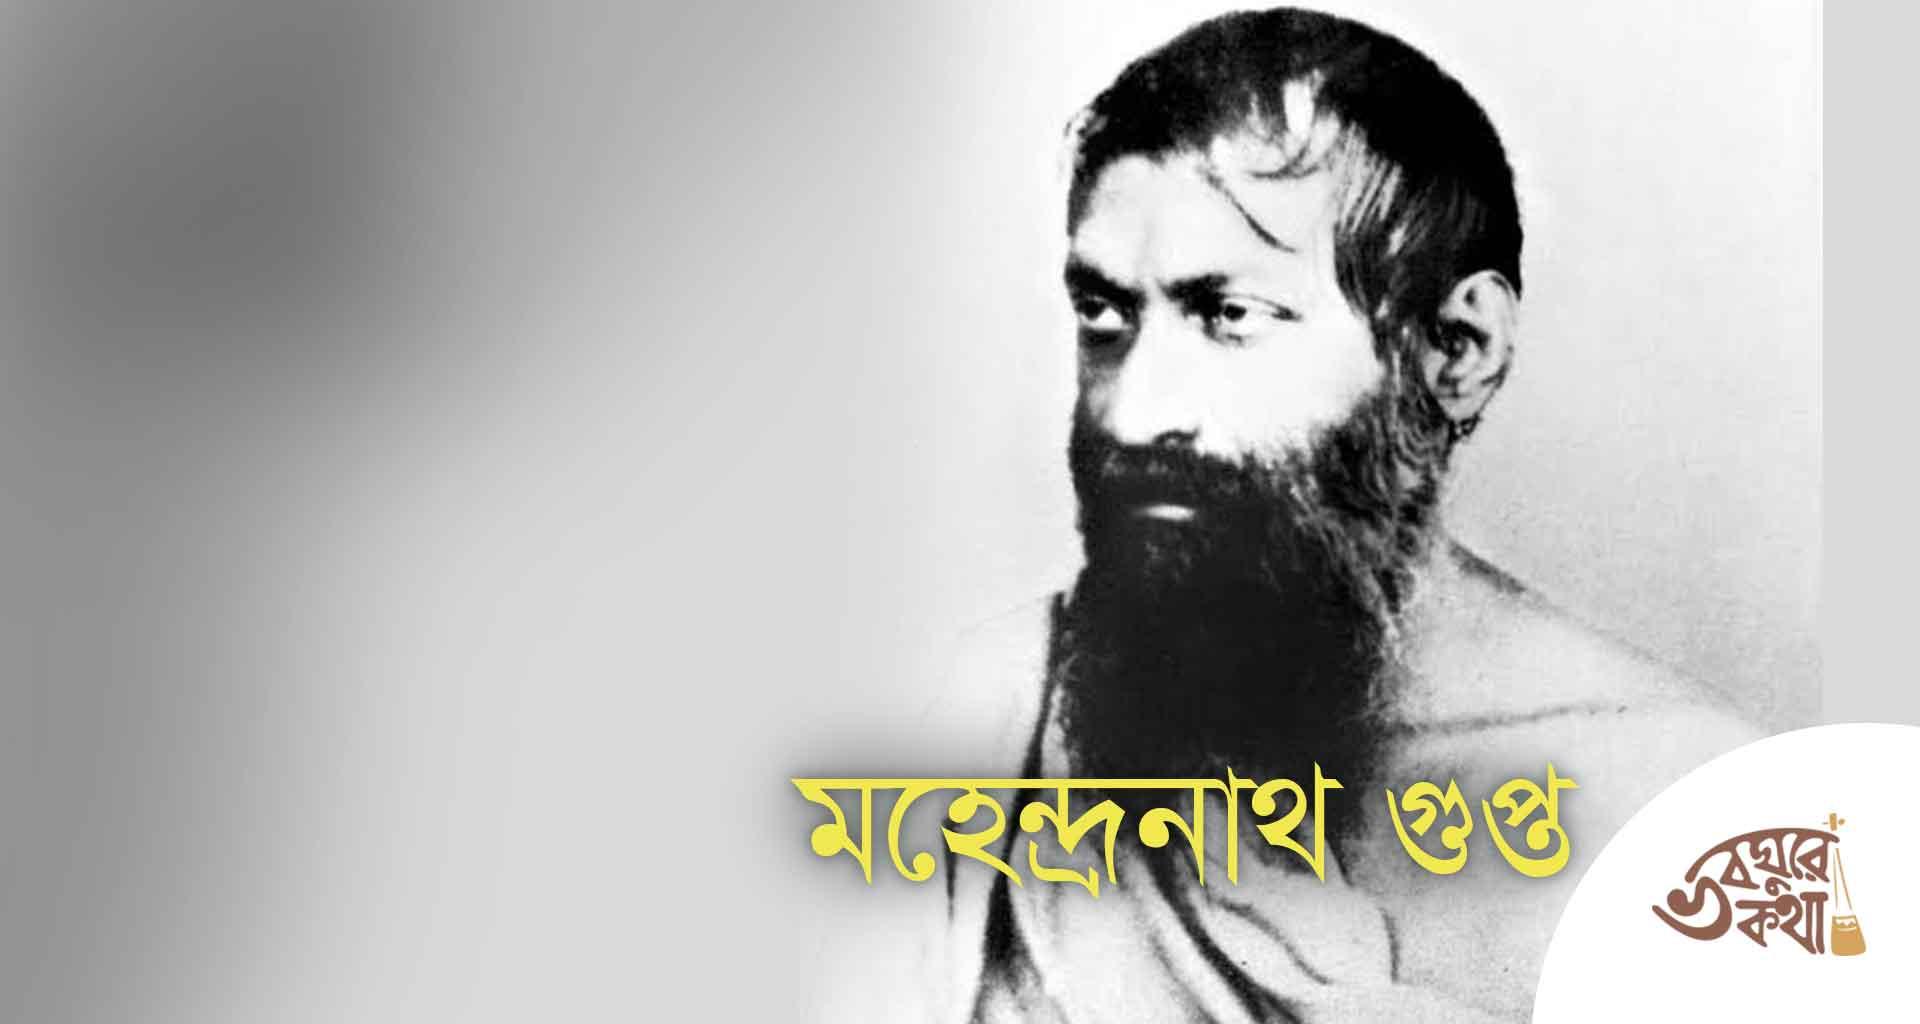 মহেন্দ্রনাথ গুপ্ত